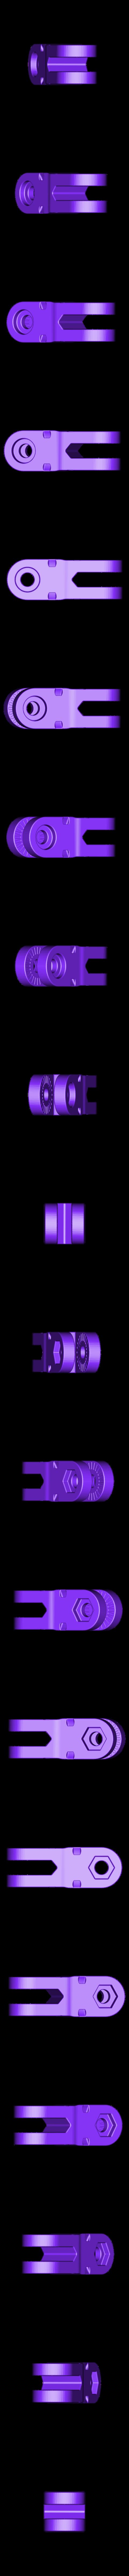 ffLink_90.STL Télécharger fichier STL gratuit Monture de caméra articulée Raspberry Pi pour Prusa MK3 • Design à imprimer en 3D, sneaks